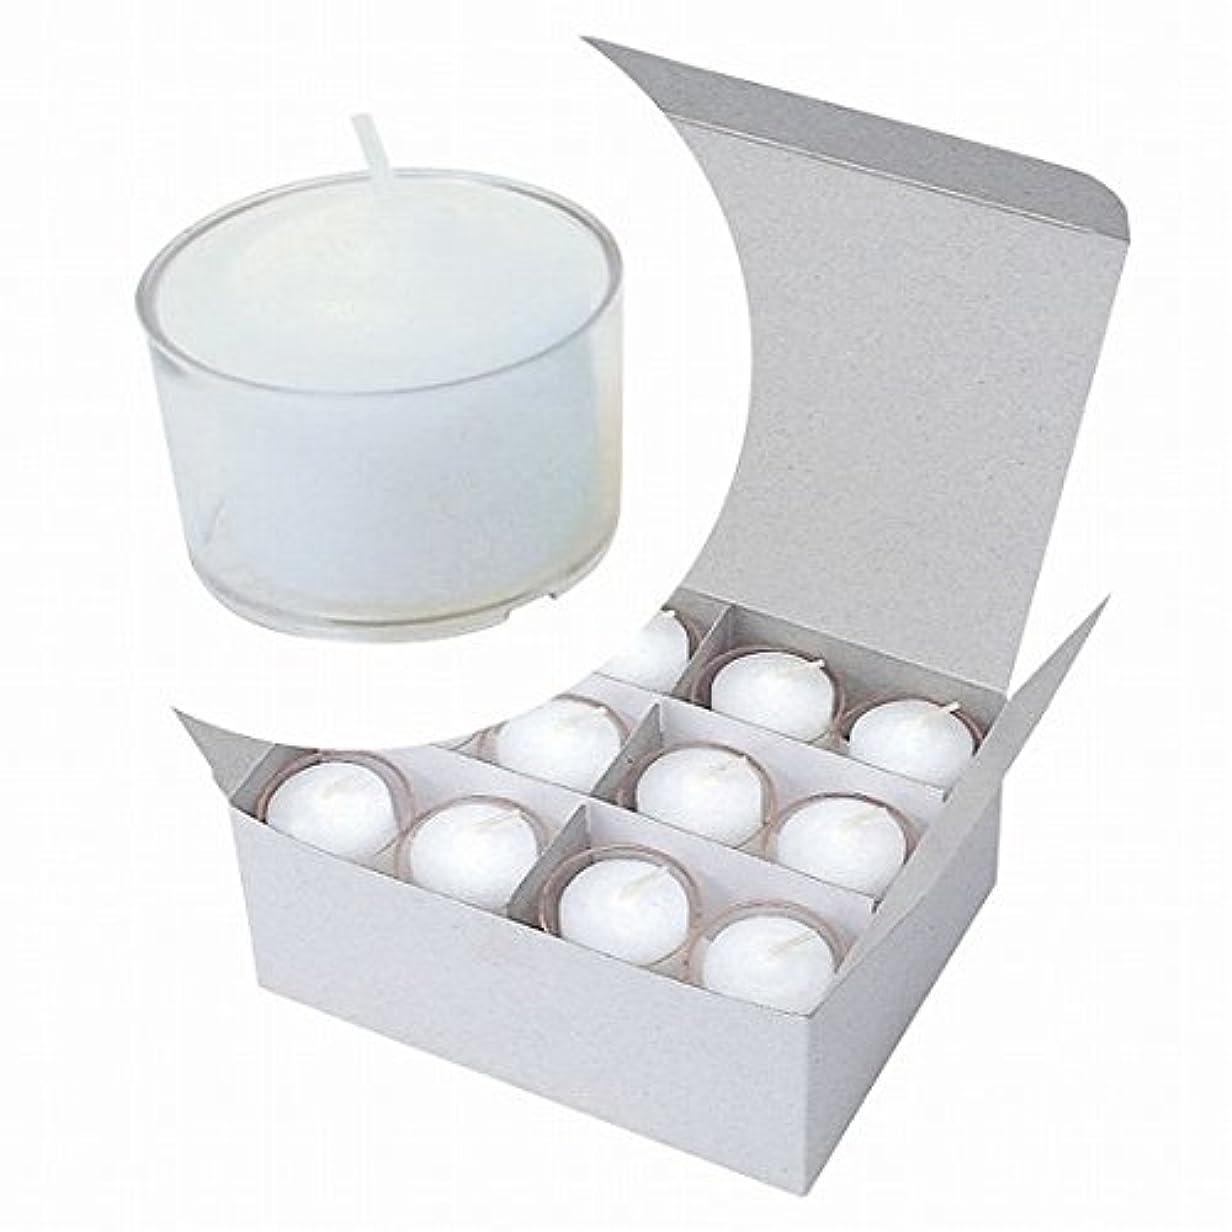 先苦難お父さんカメヤマキャンドル(kameyama candle) カラークリアカップボーティブ6時間タイプ 24個入り 「 クリア 」